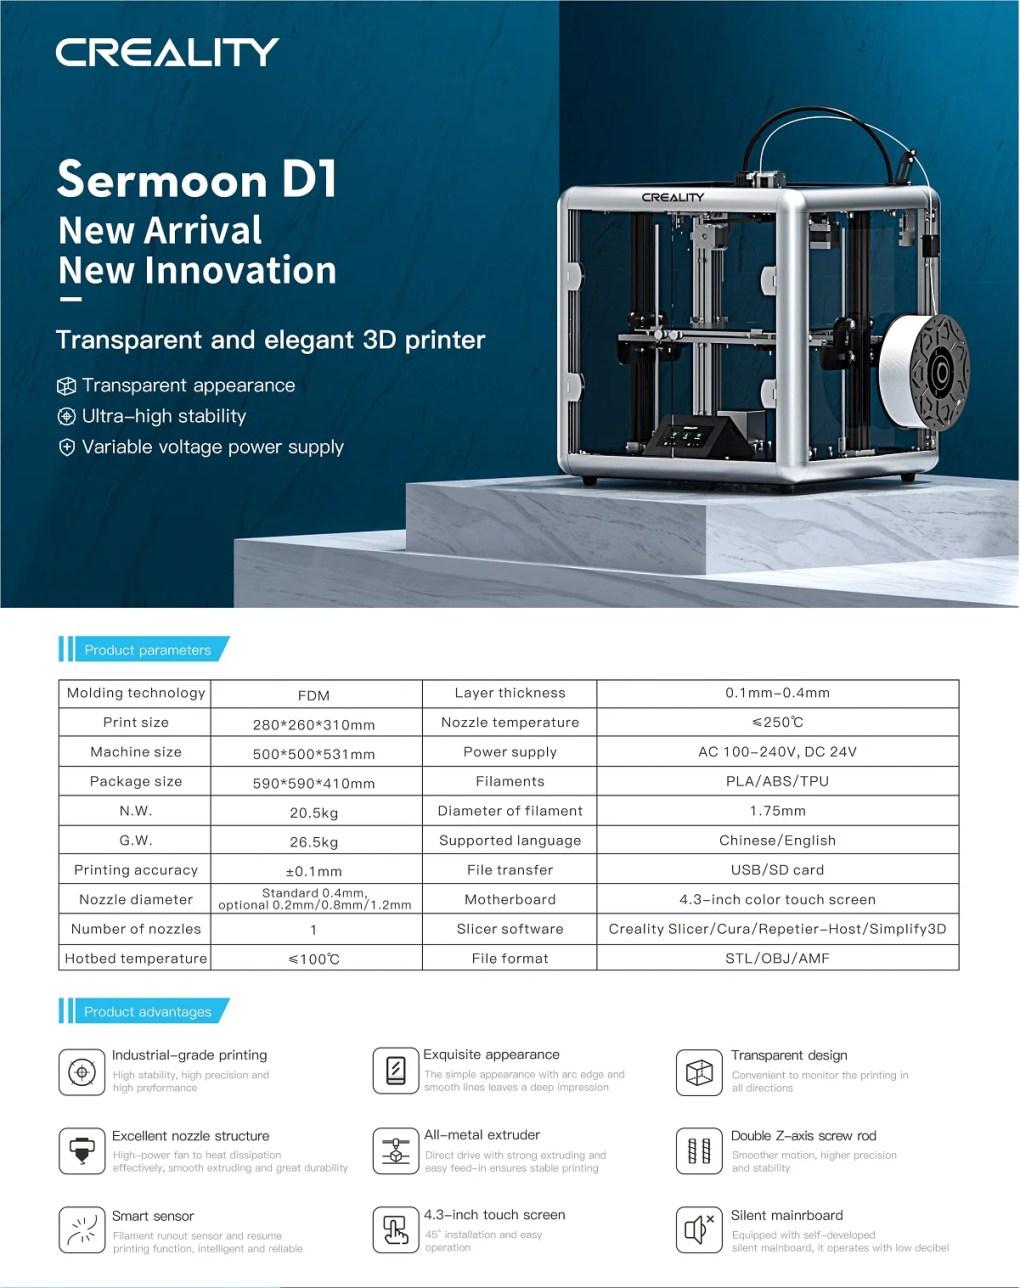 Sermoon d1 kapalı 3d yazıcı, doğrudan sürücülü 3d yazıcı